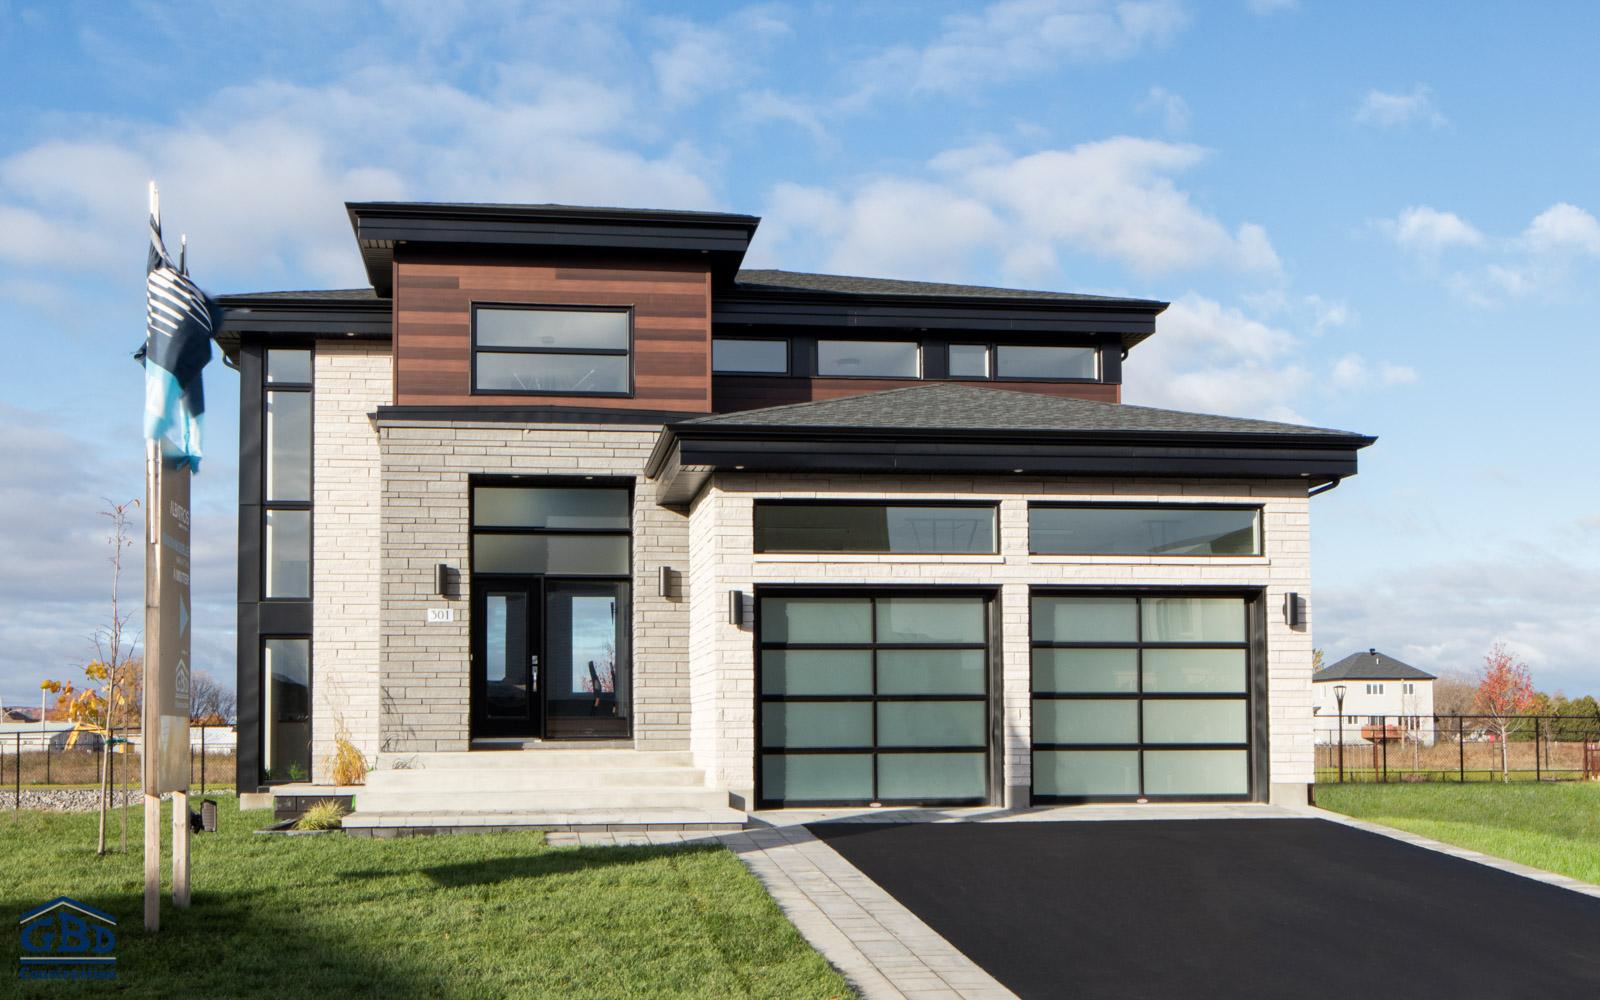 Maison neuve rive nord manhattan ext 01 for Construction maison neuve rive nord